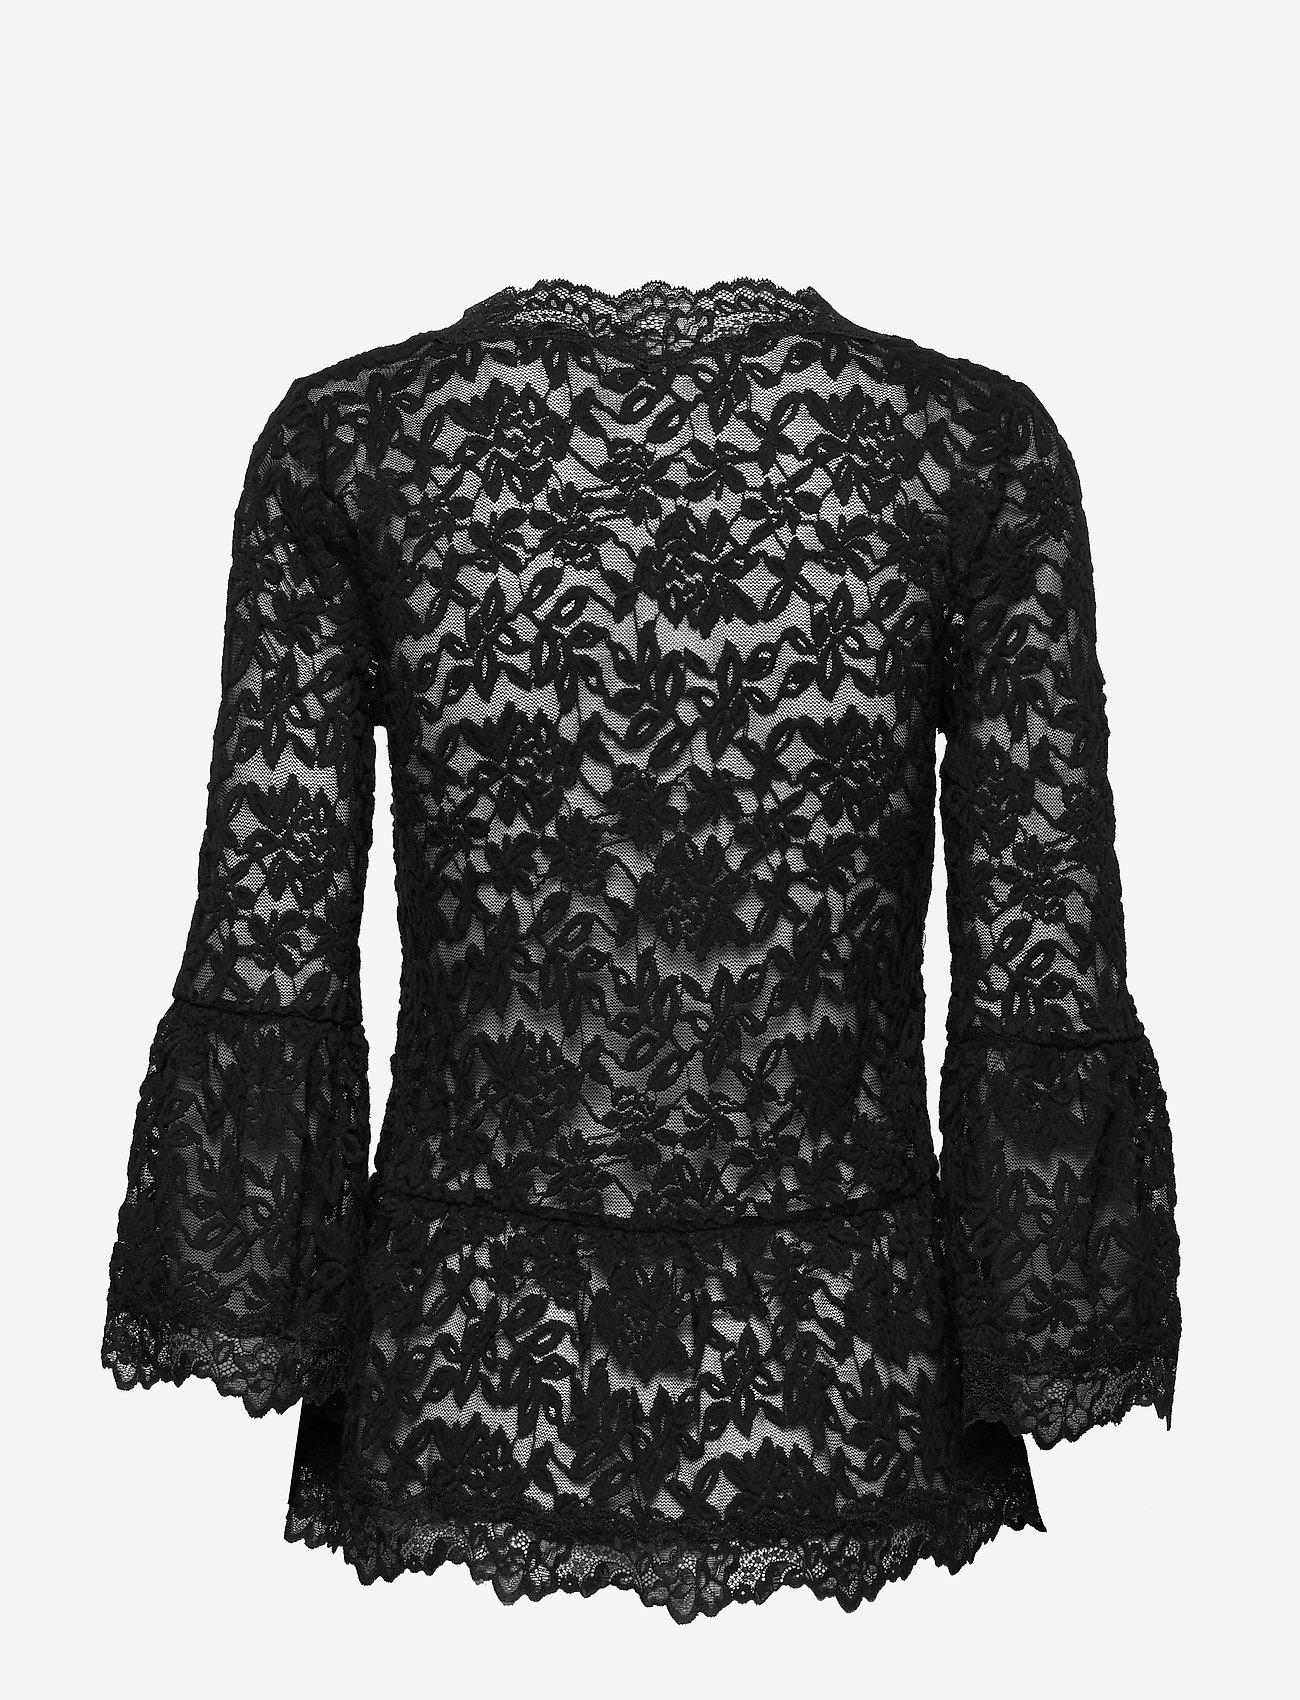 Rosemunde T-shirt 3/4 s - Bluzki & Koszule BLACK - Kobiety Odzież.